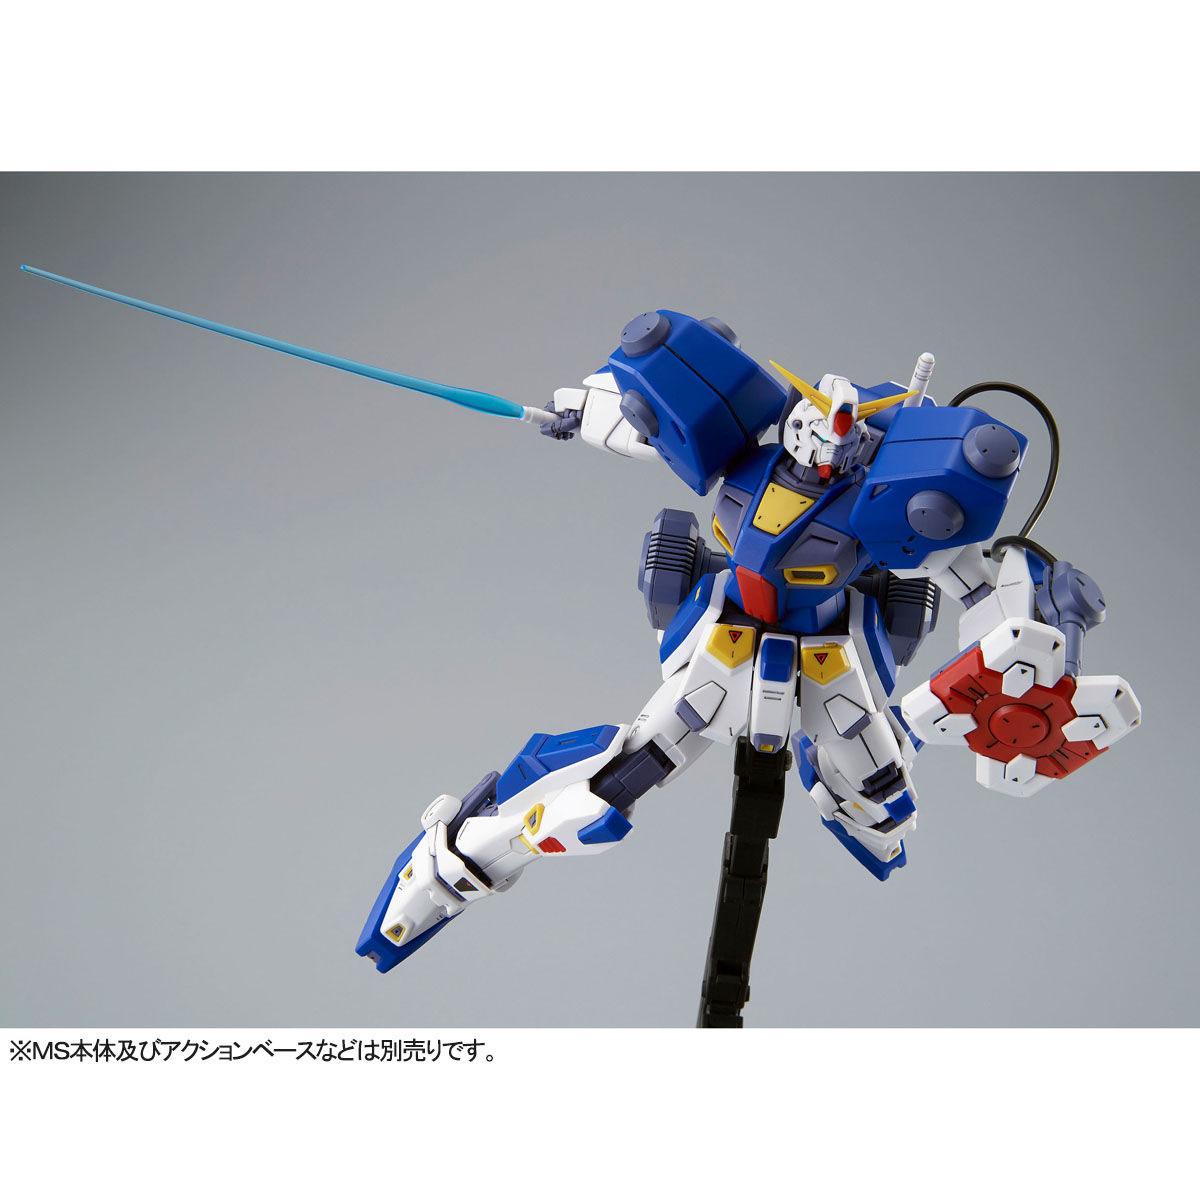 【限定販売】MG 1/100『ガンダムF90用 ミッションパック Bタイプ&Kタイプ』プラモデル-009